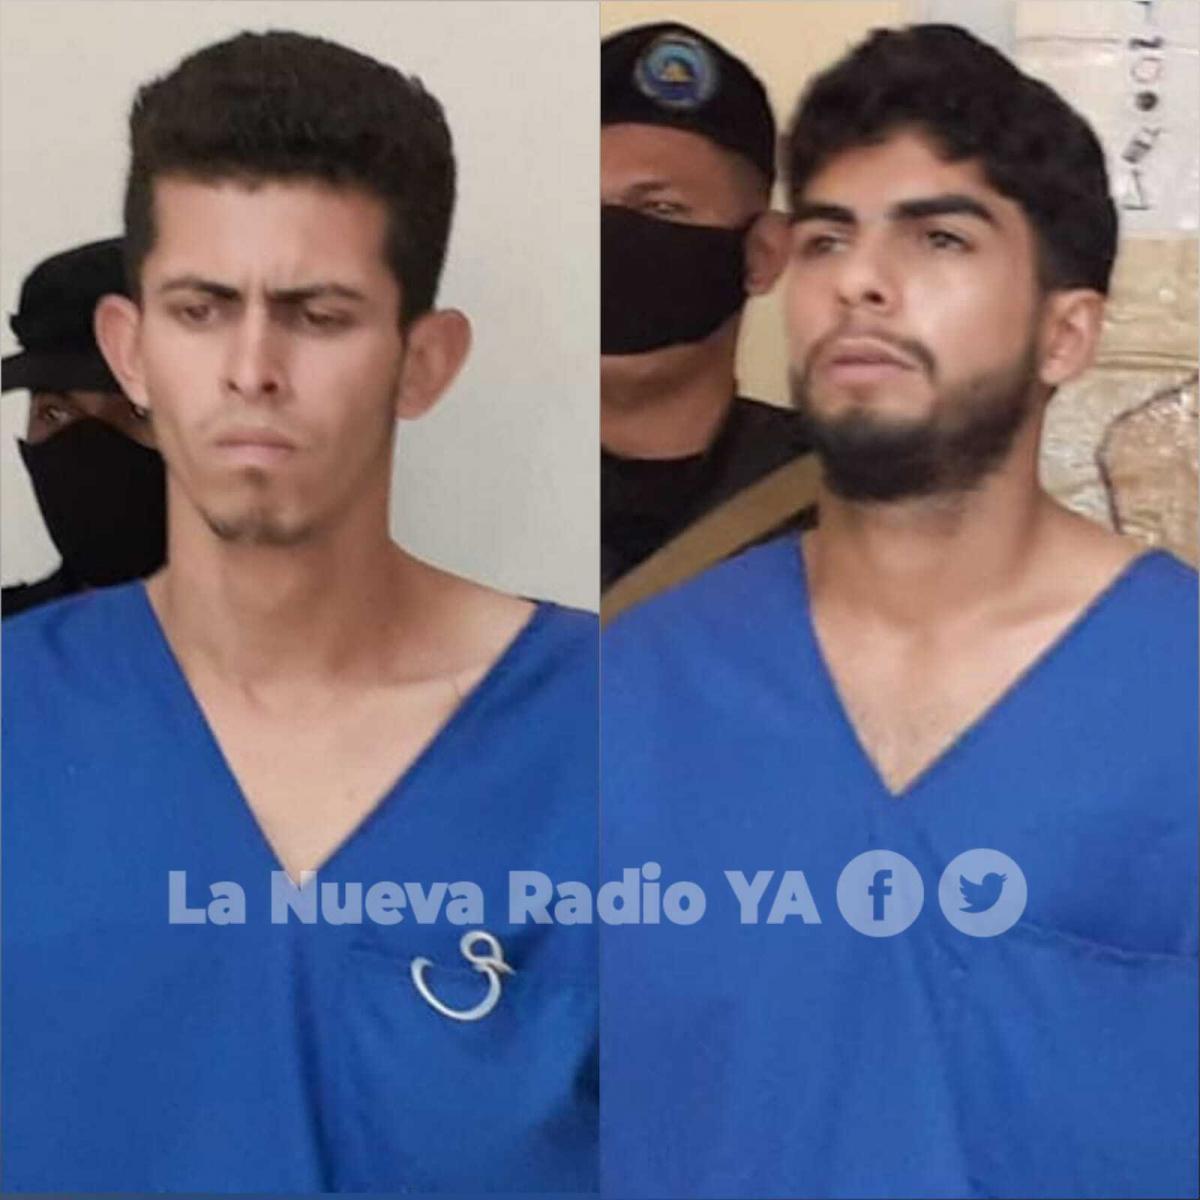 Los asesinos de una joven en Jalapa: Bryan Jordán Flores Chavez y Jairo Iván Pérez Castillo